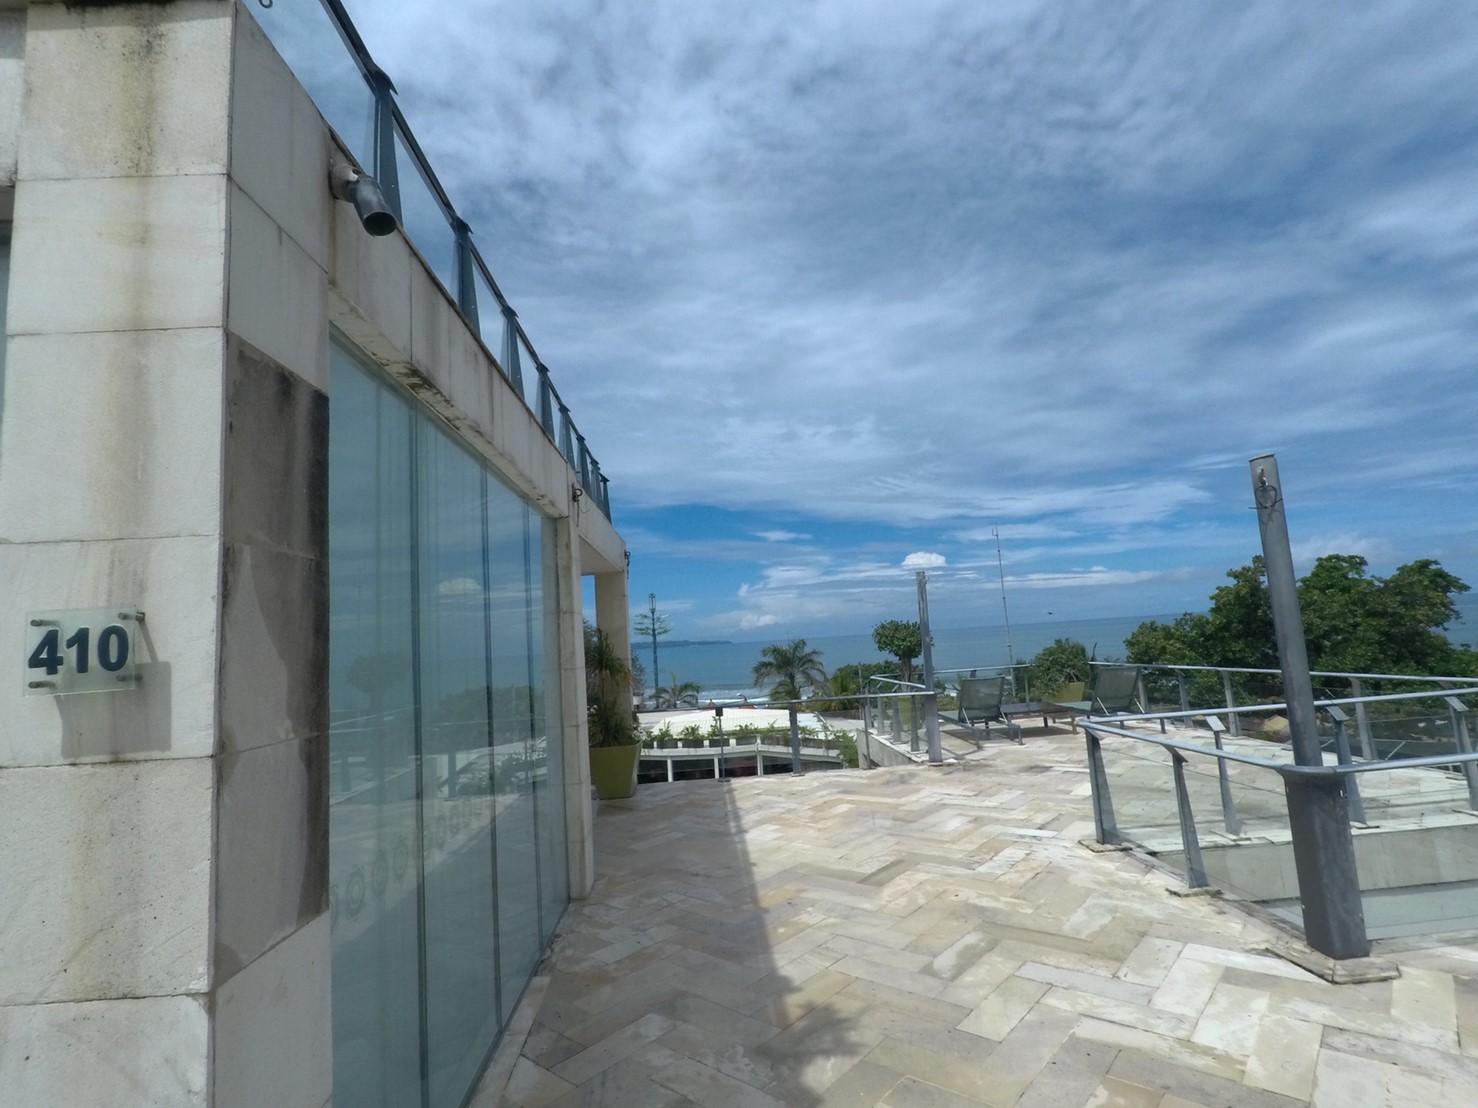 フラマエクスクルーシブホテル 部屋からの眺め